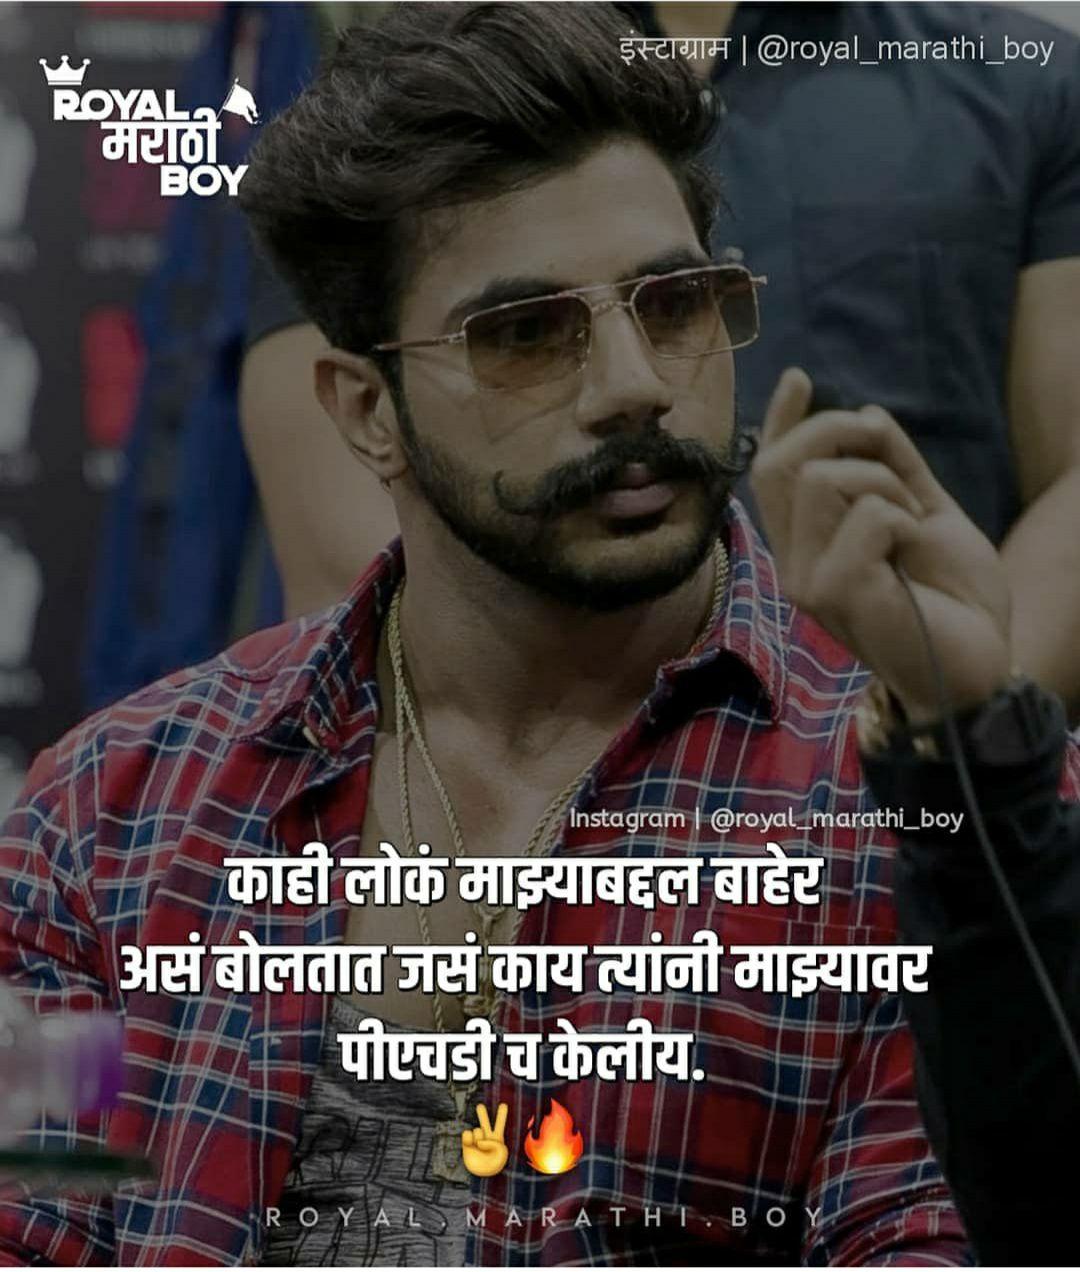 😈अॅटिट्युड स्टेटस - इंस्टाग्राम | @ royal _ marathi _ boy | ROYAL , मराठा BOY Instagram | @ royal _ marathi _ boy काही लोकं माझ्याबद्दल बाहेर । असं बोलतात जसं काय त्यांनी माझ्यावर पीएचडी च केलीय . ROYAL MARATHI . BO - ShareChat